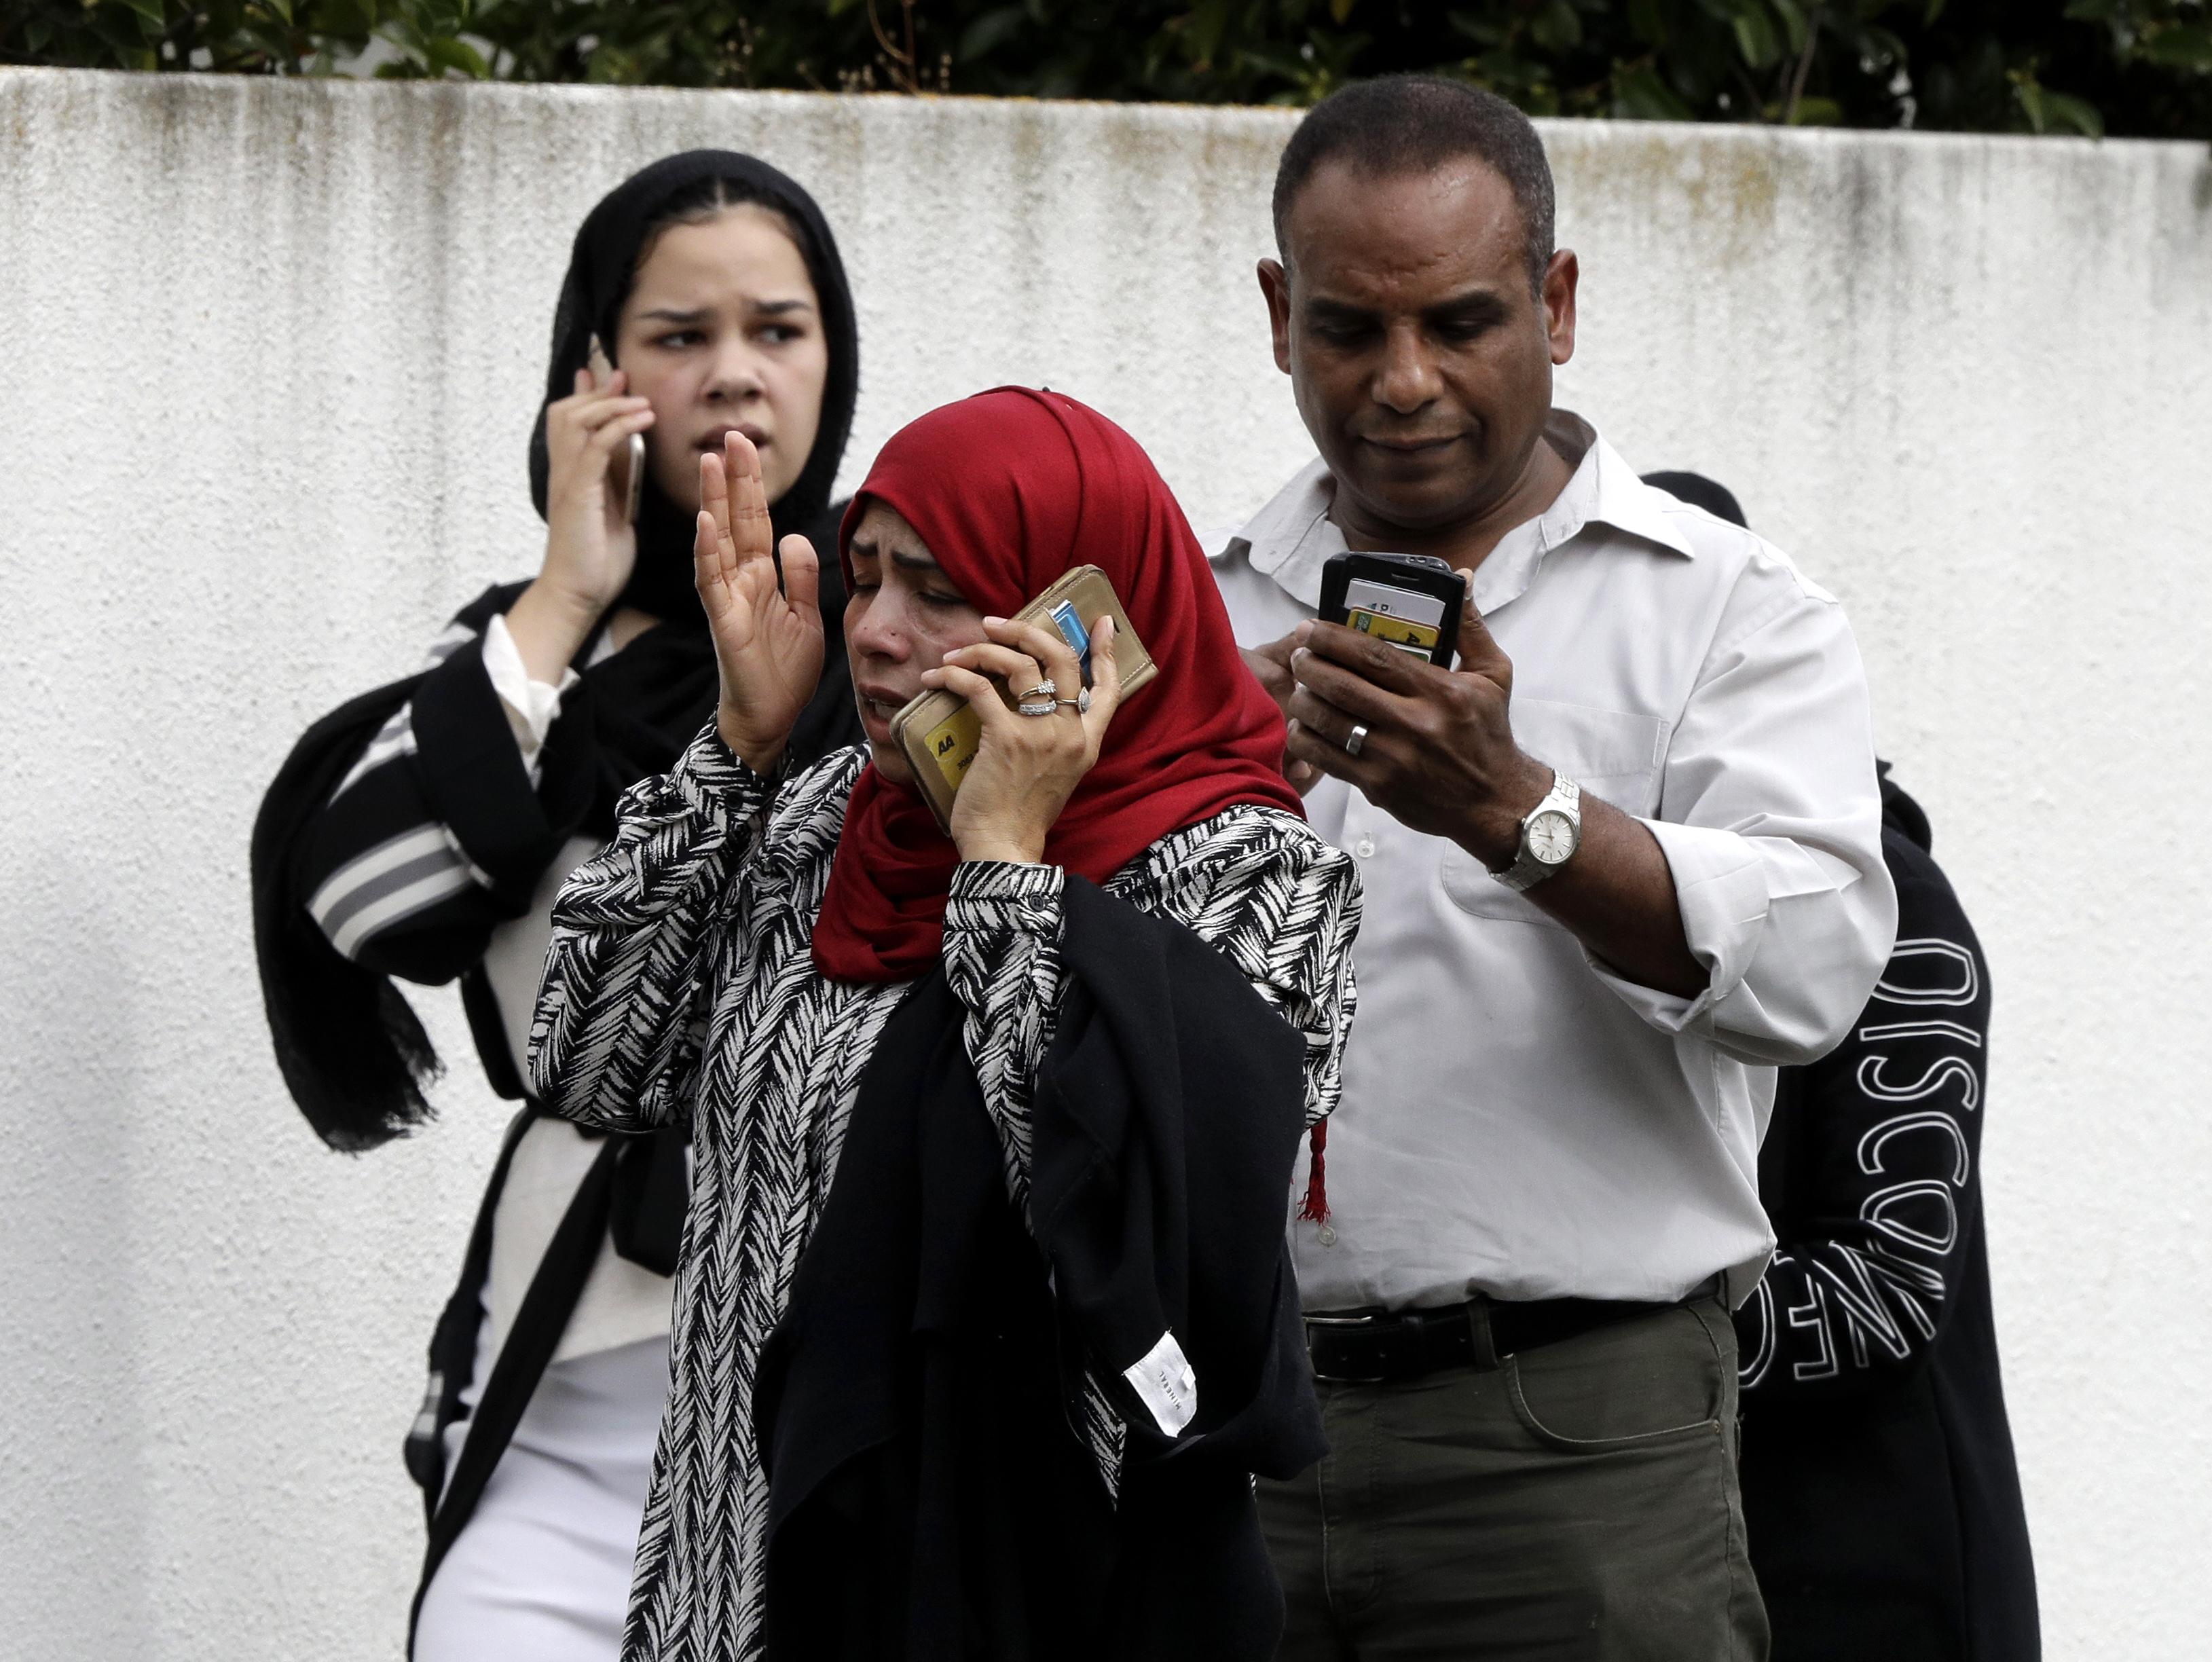 أشخاص ينتظرون خارج أحد المسجدين اللذين استهدفهما الهجوم